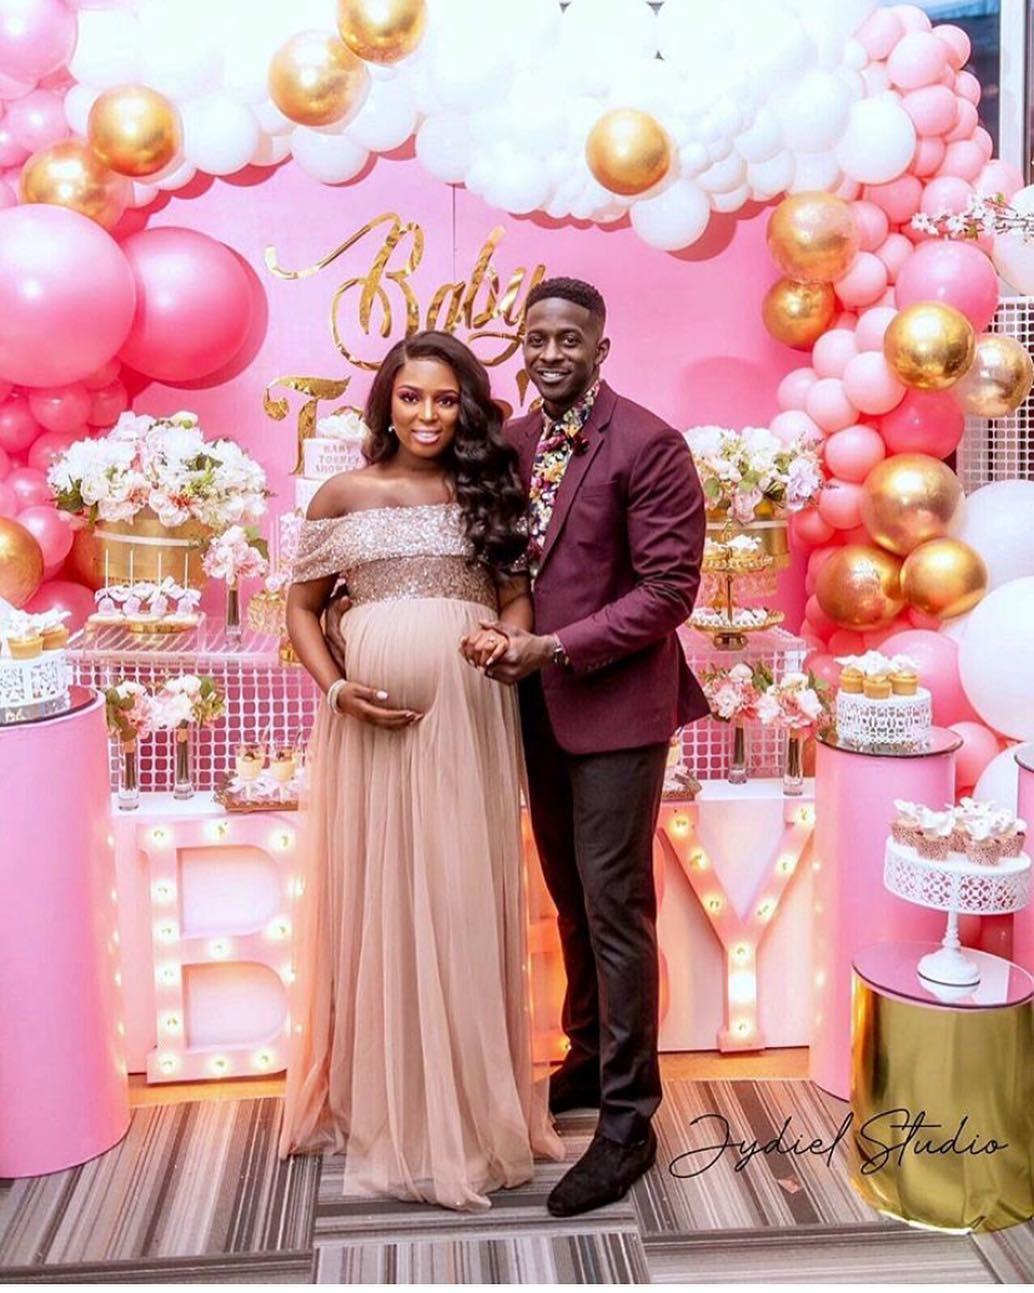 No 1 Nigerian Wedding Blog Nigerianwedding Instagram Photos And Videos Wedding Wedding Blog Nigerian Wedding